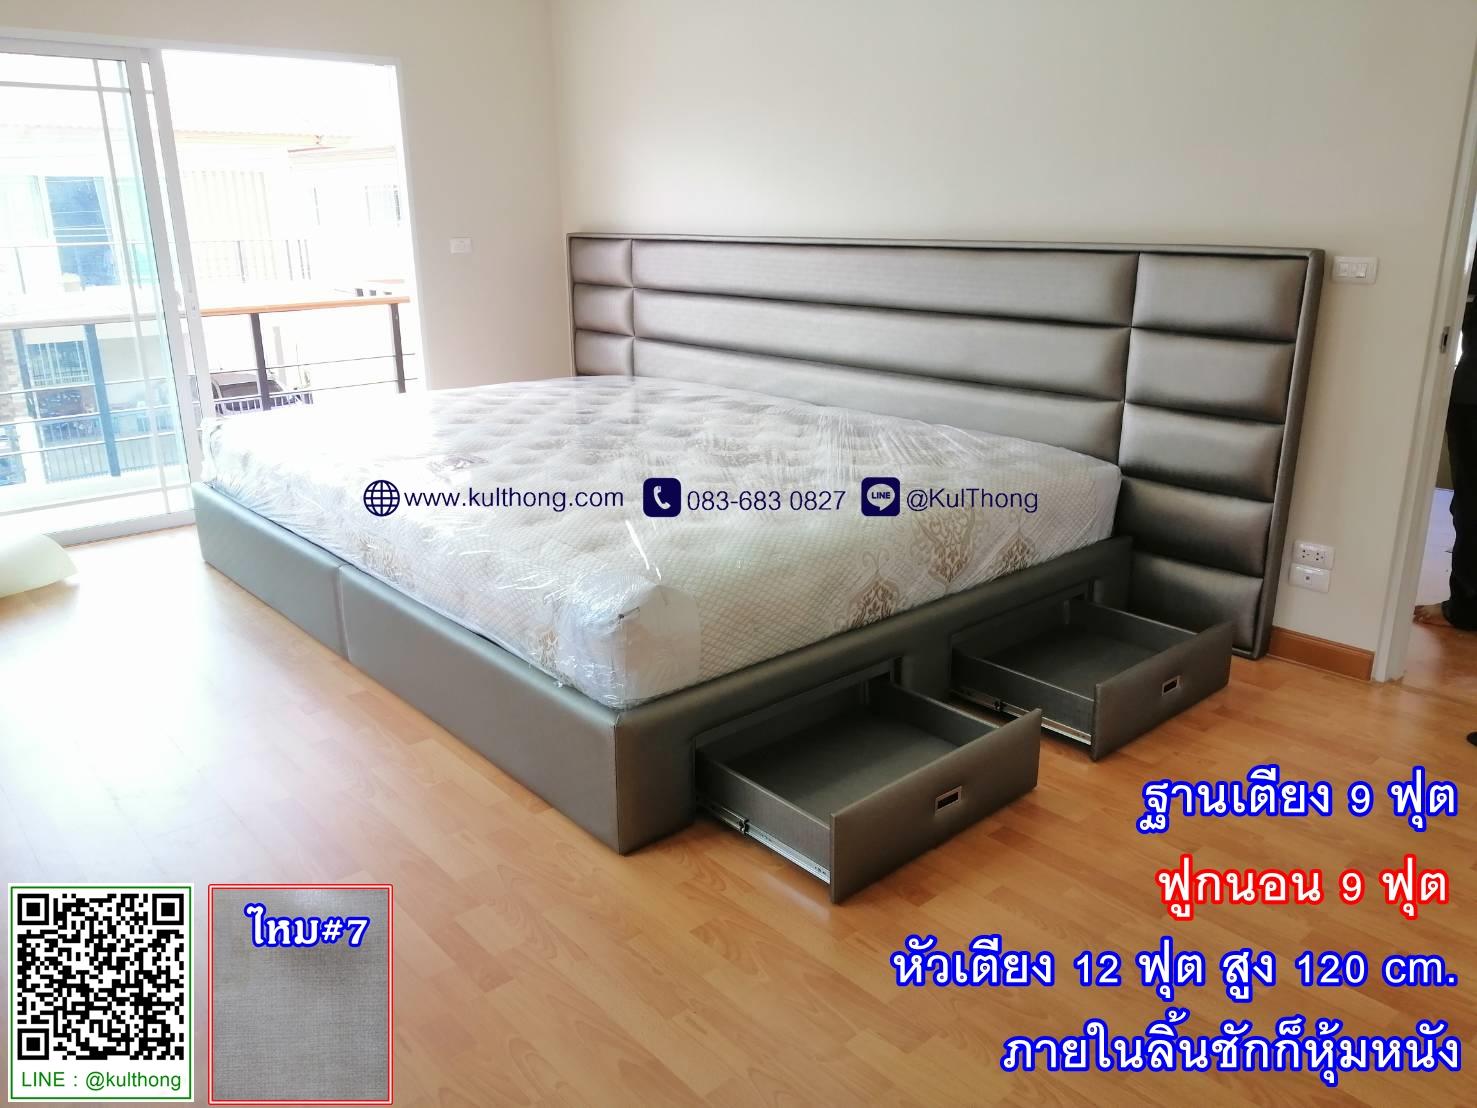 หัวเตียงสำเร็จ หัวเตียงสั่งทำ หัวเตียง12ฟุต ที่นอน9ฟุต